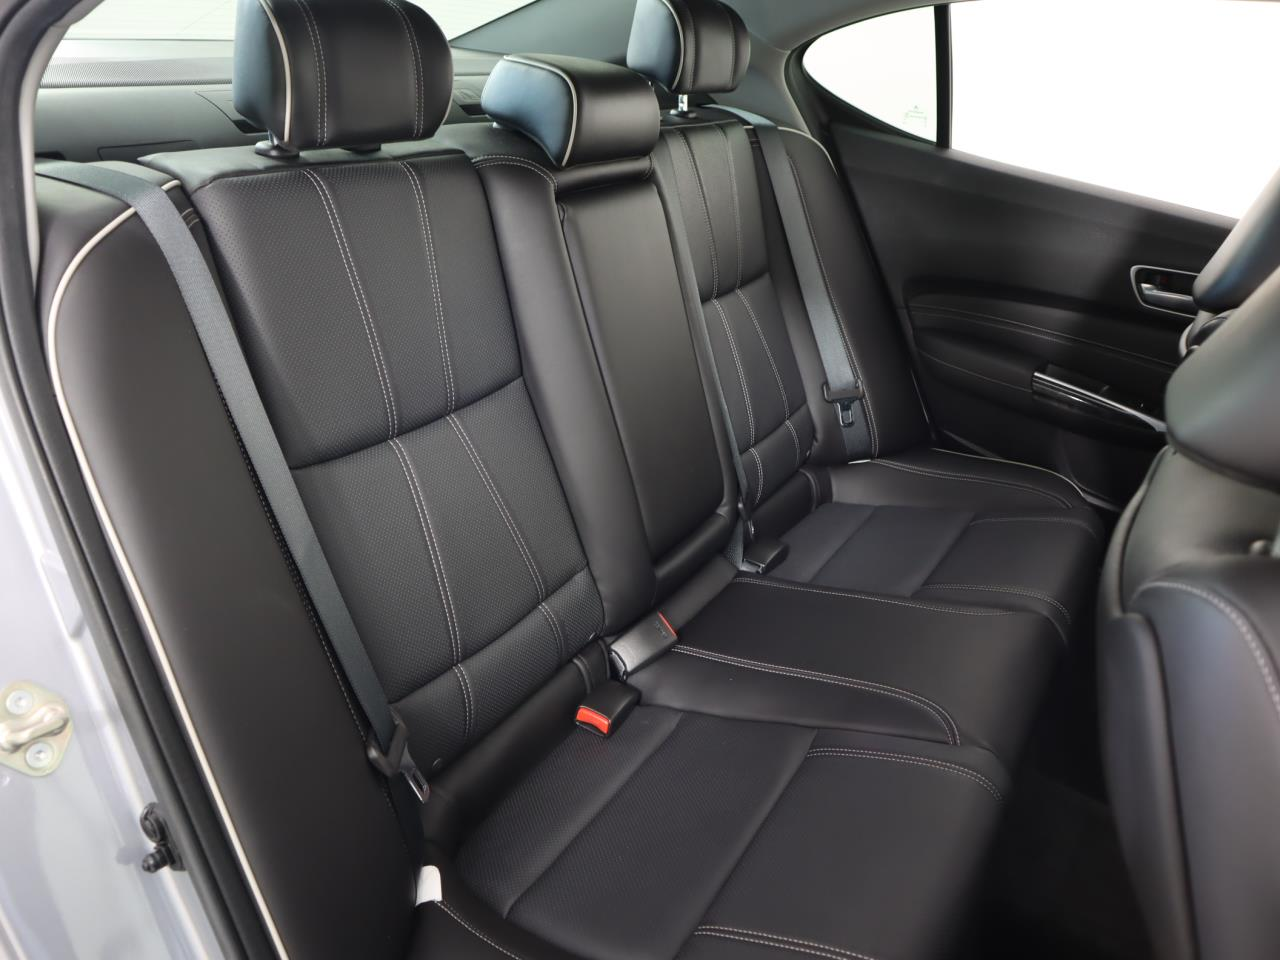 used vehicle - Sedan ACURA TLX 2018